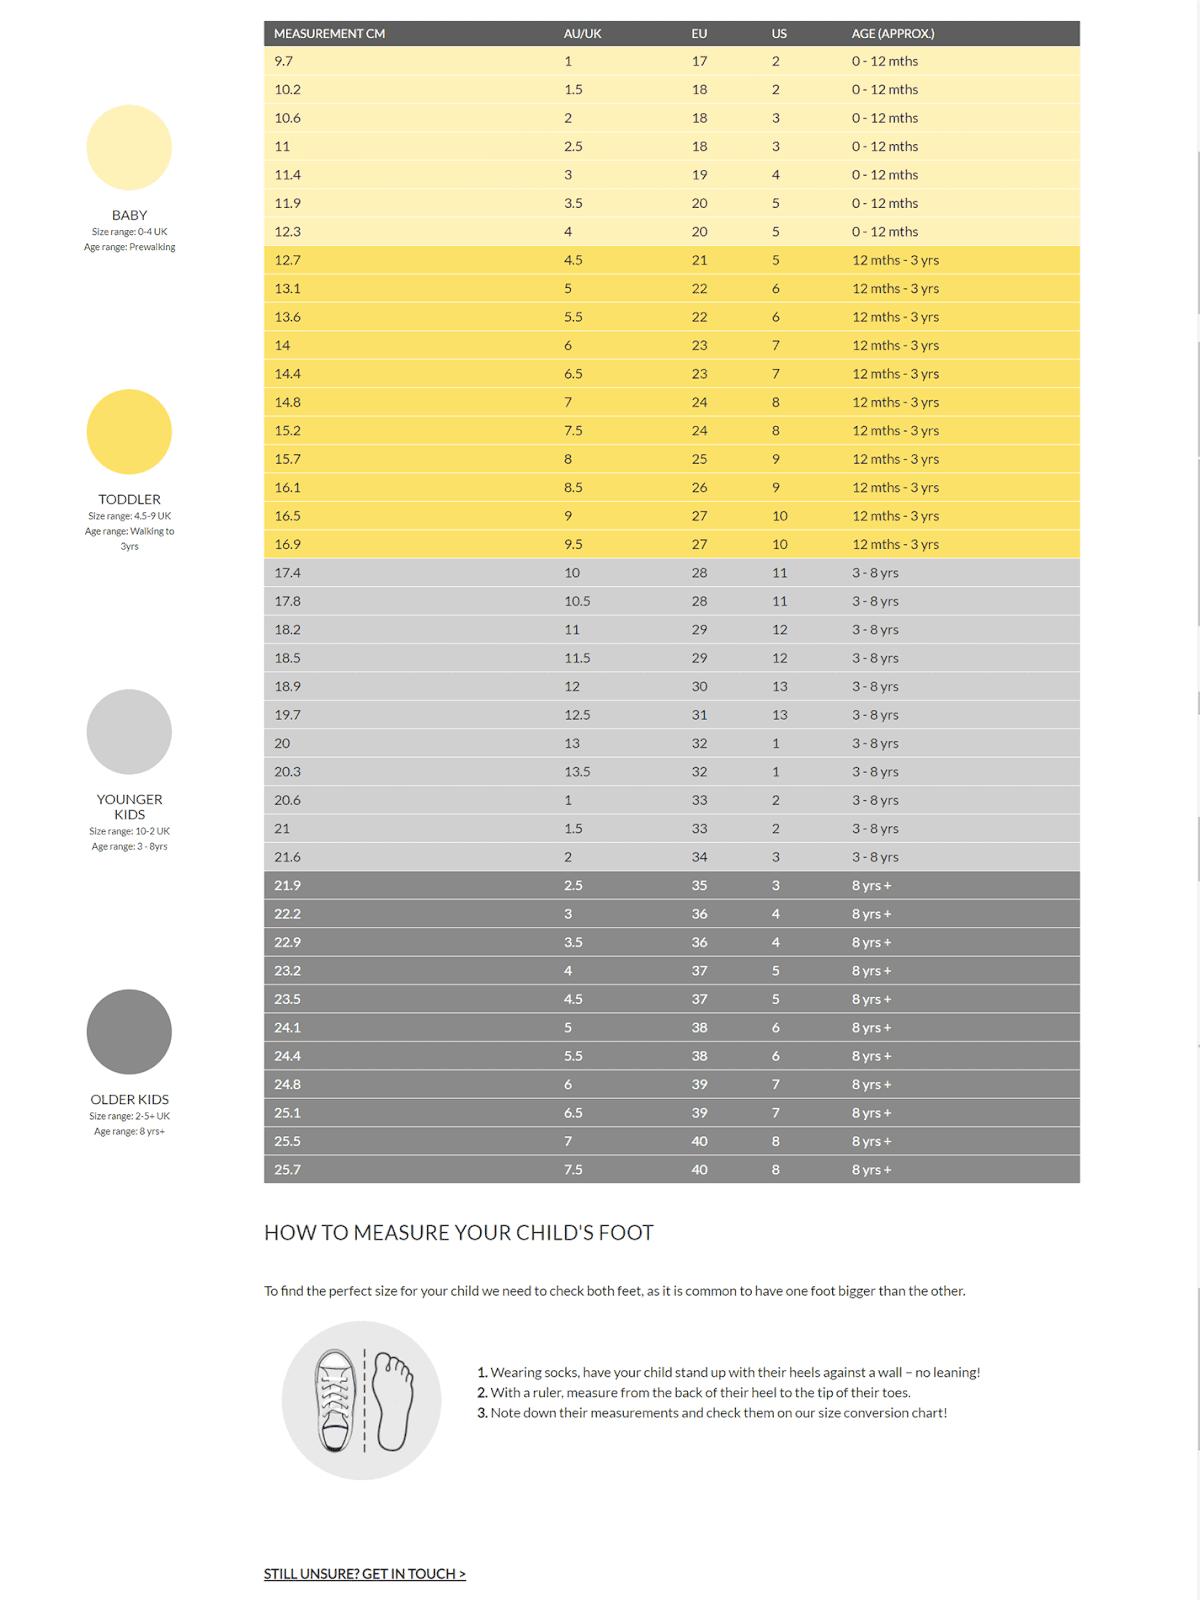 オーストラリア靴子供用サイズ表